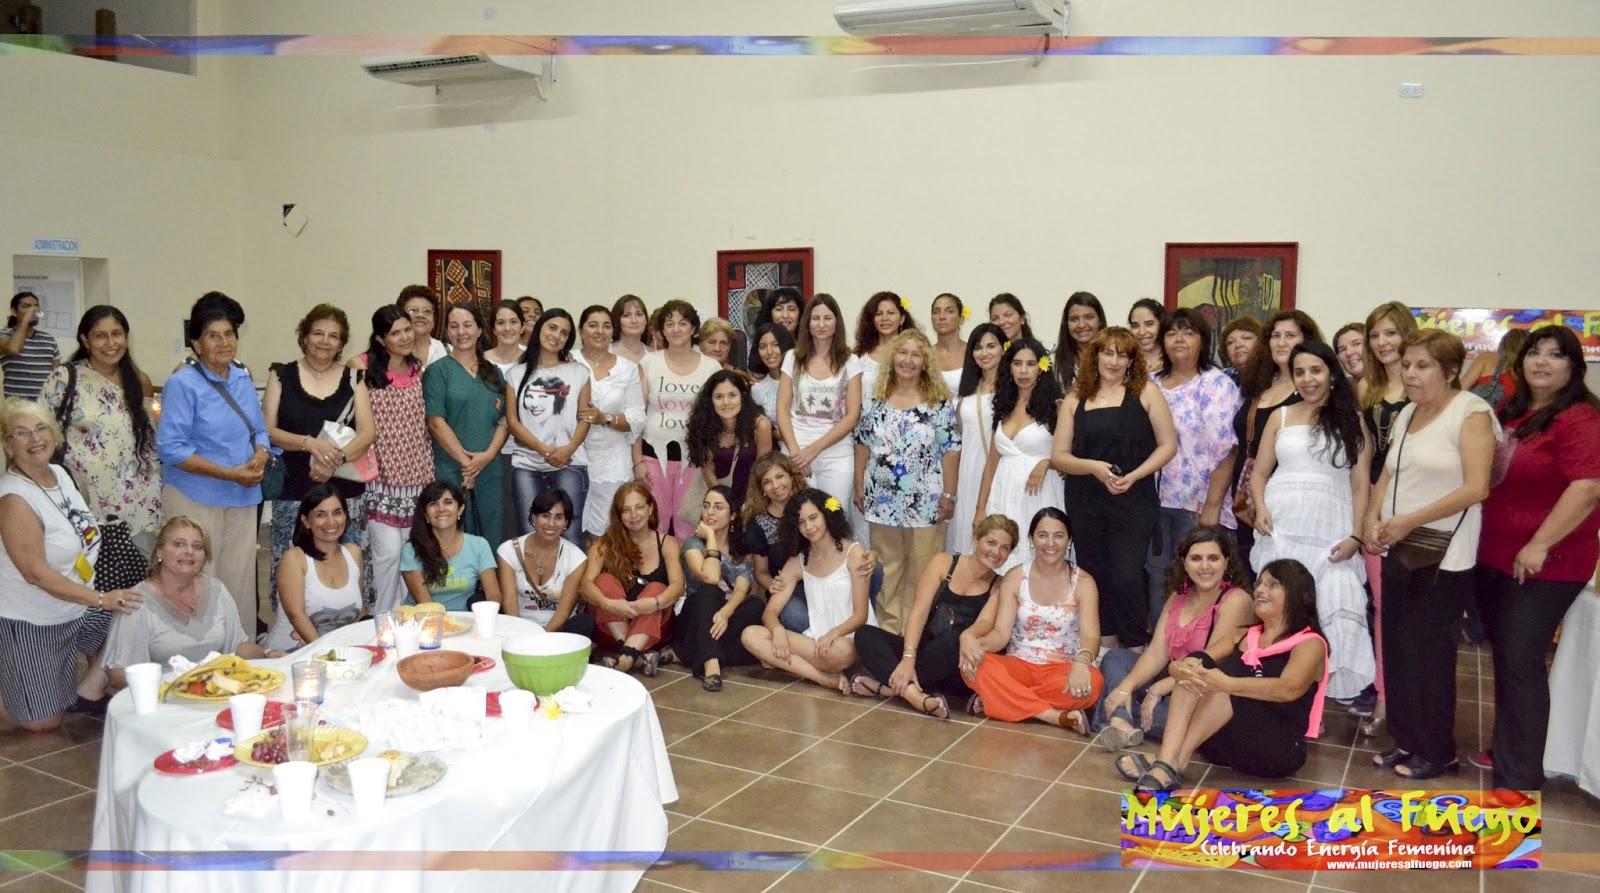 Encuentro de Mujeres en Circulo ♥